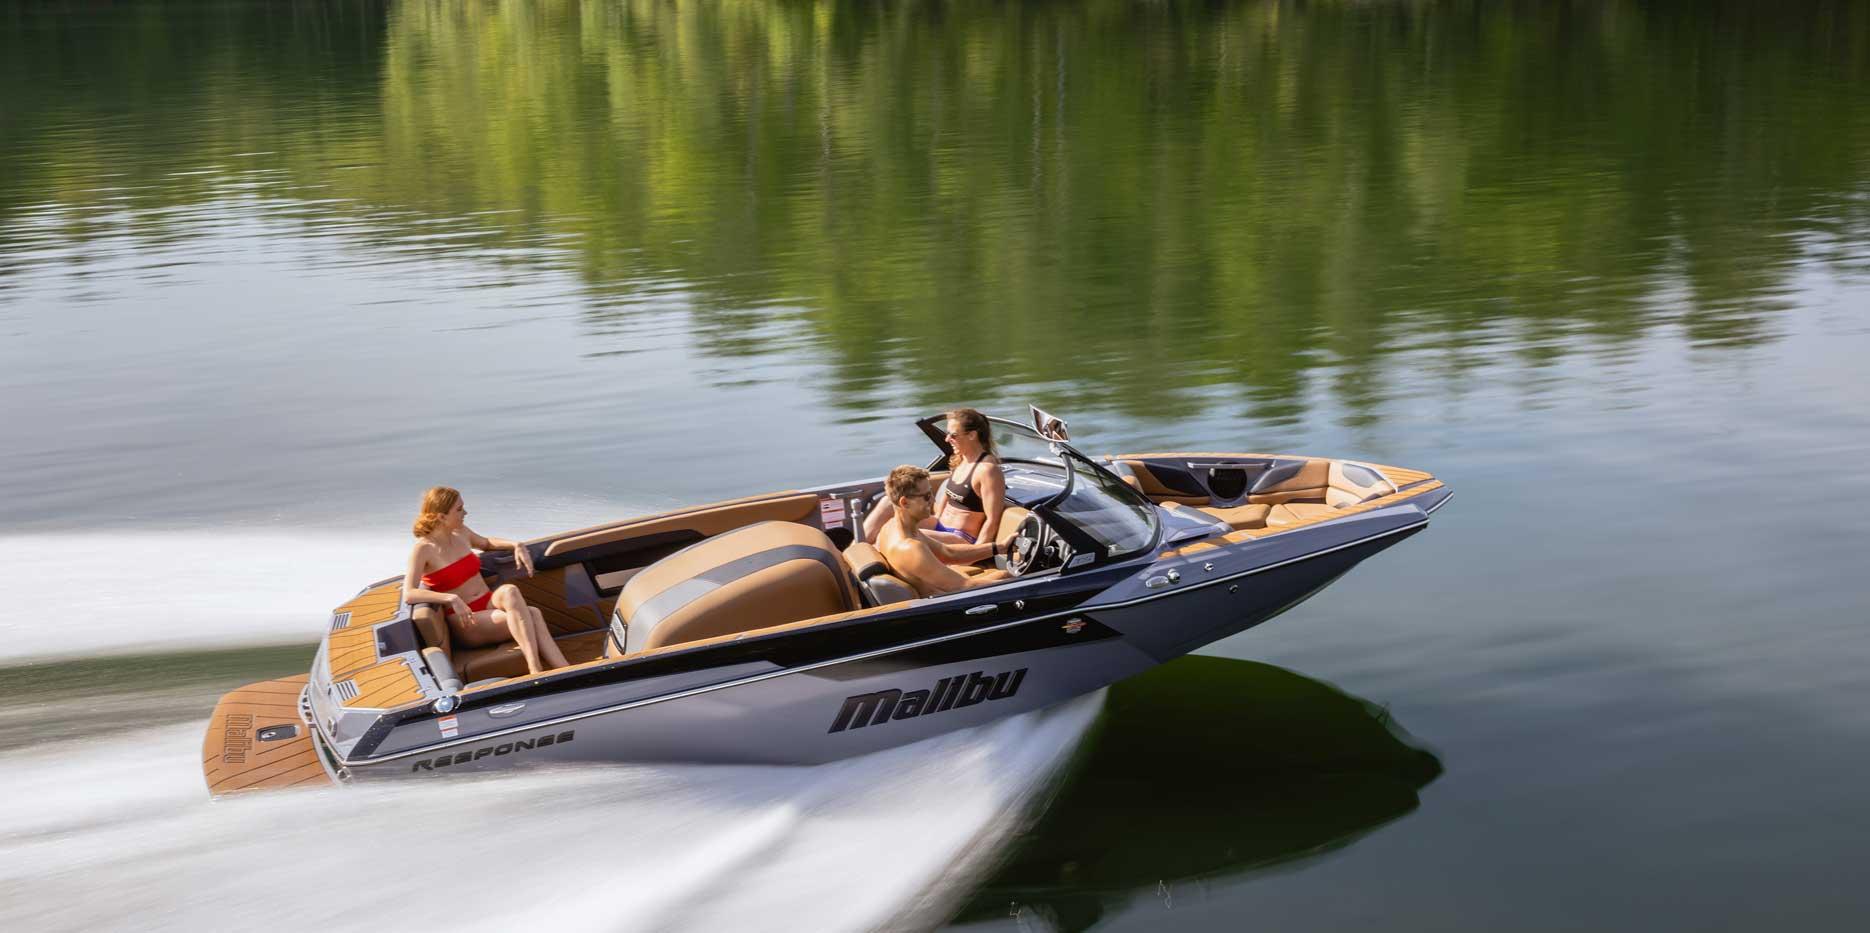 Malibu Boats TXi Response Open Bow Slalom Boat